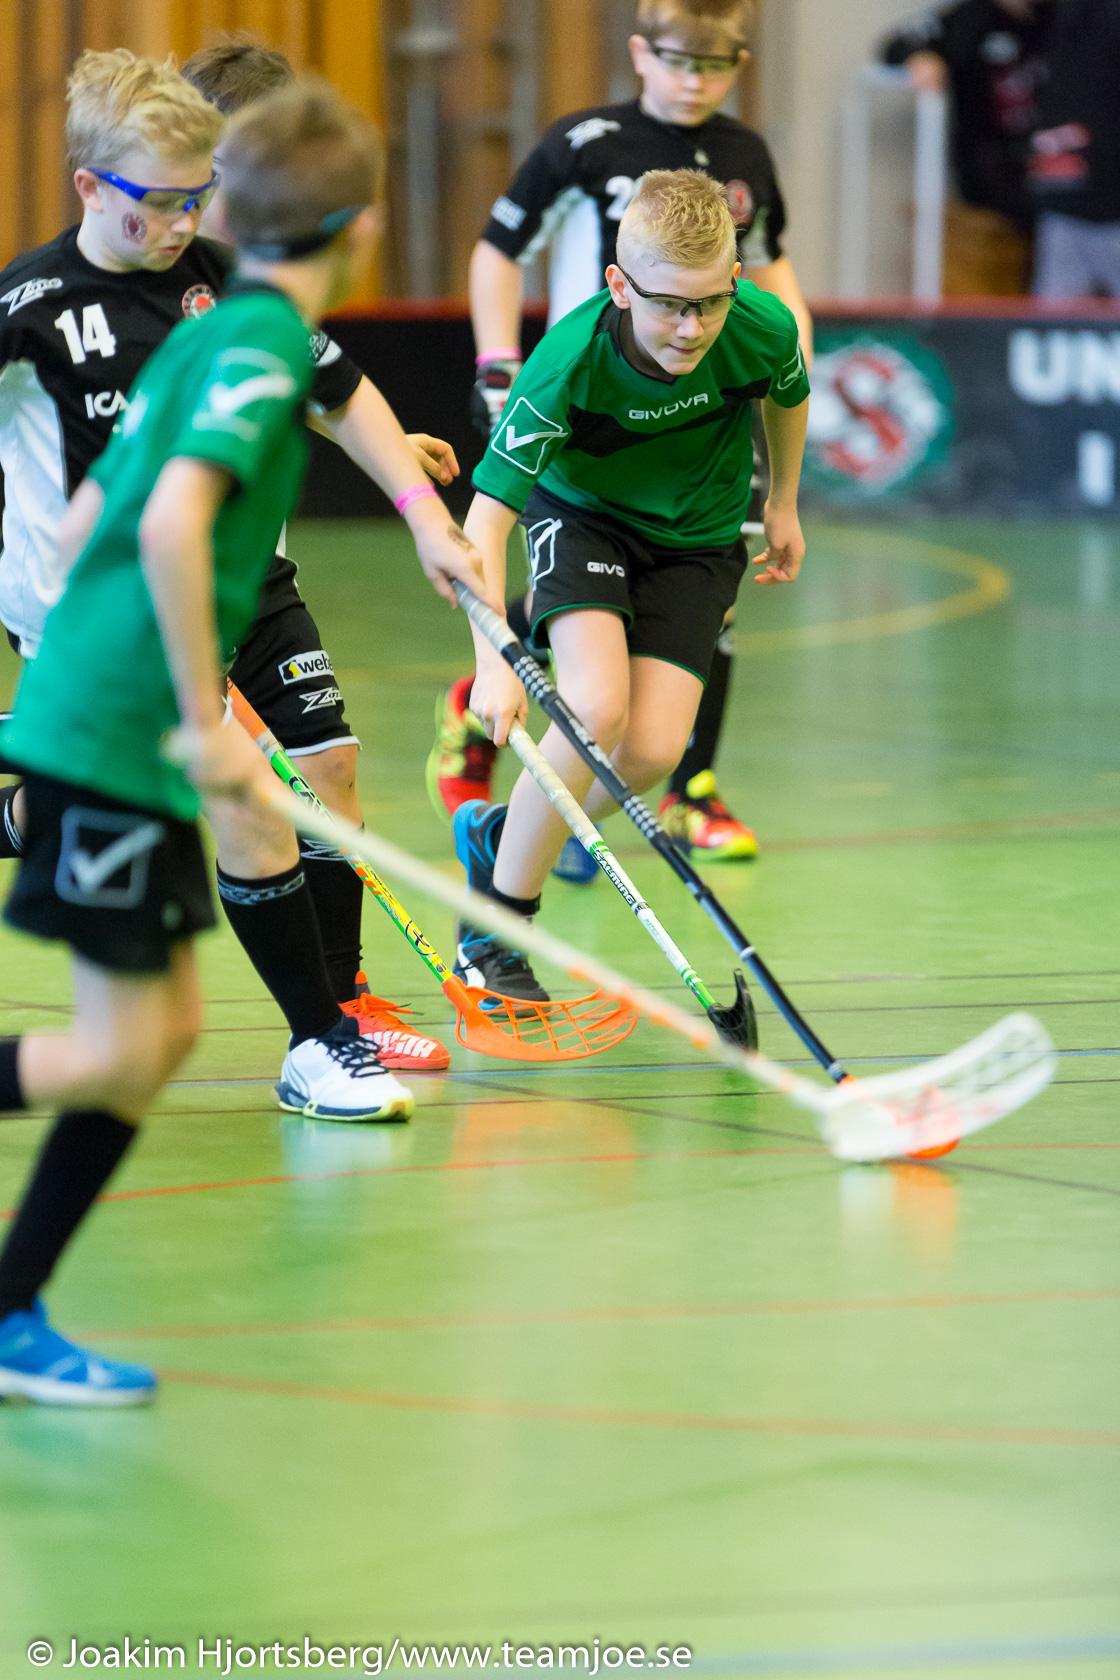 20160409_1701-5 Örebrocupen